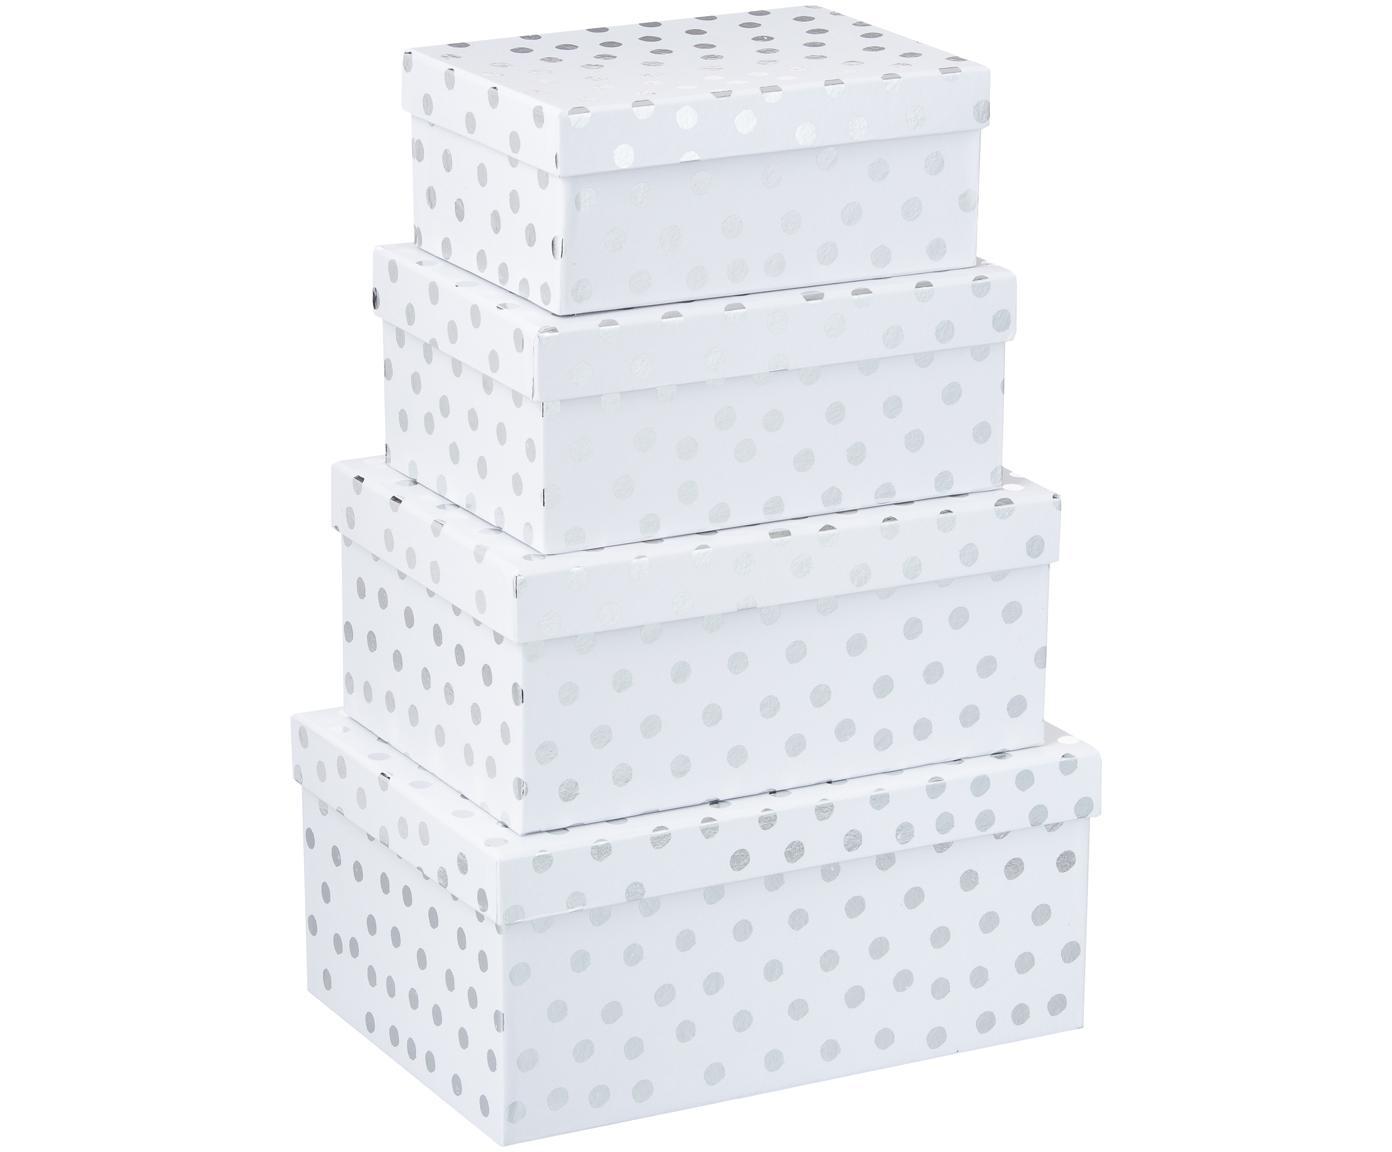 Geschenkboxen-Set Dots, 4-tlg., Karton, Weiss, Silberfarben, Verschiedene Grössen